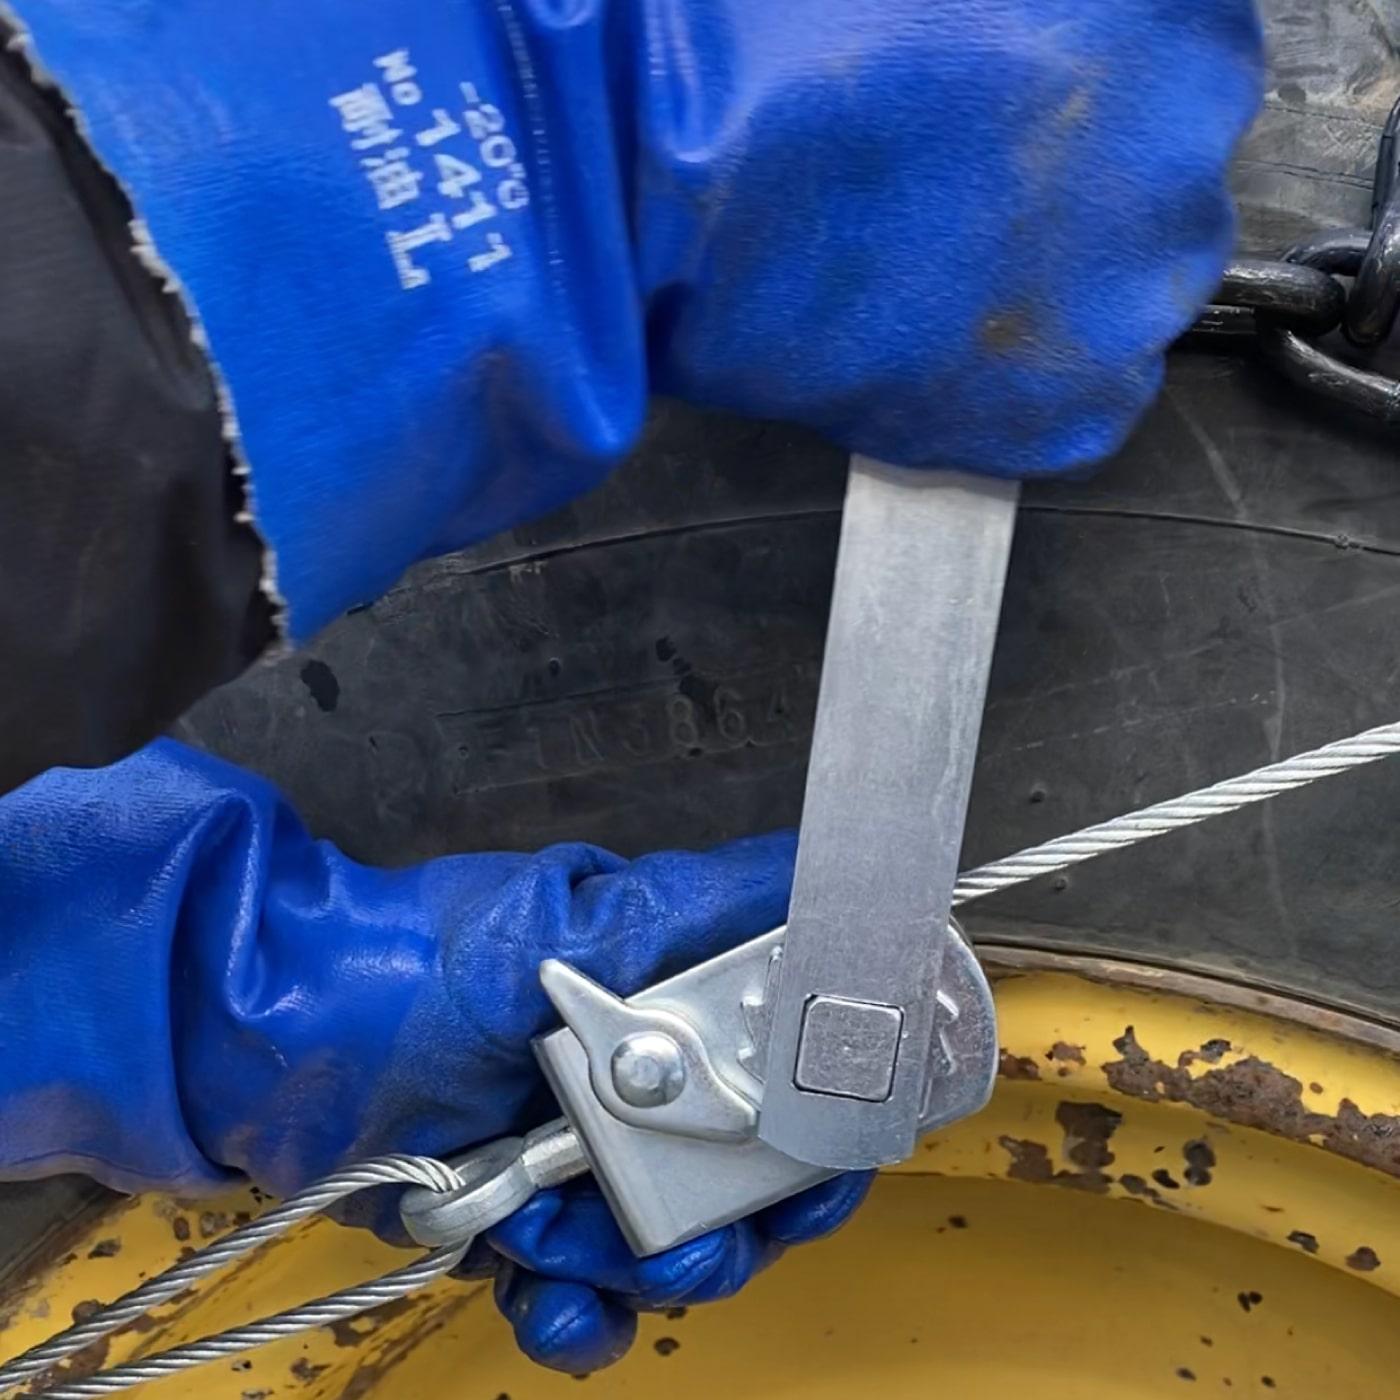 オスタイプ(マルチタイプ)建設機械・除雪車両用ラチェット式ワイヤーチェーンバンド形状